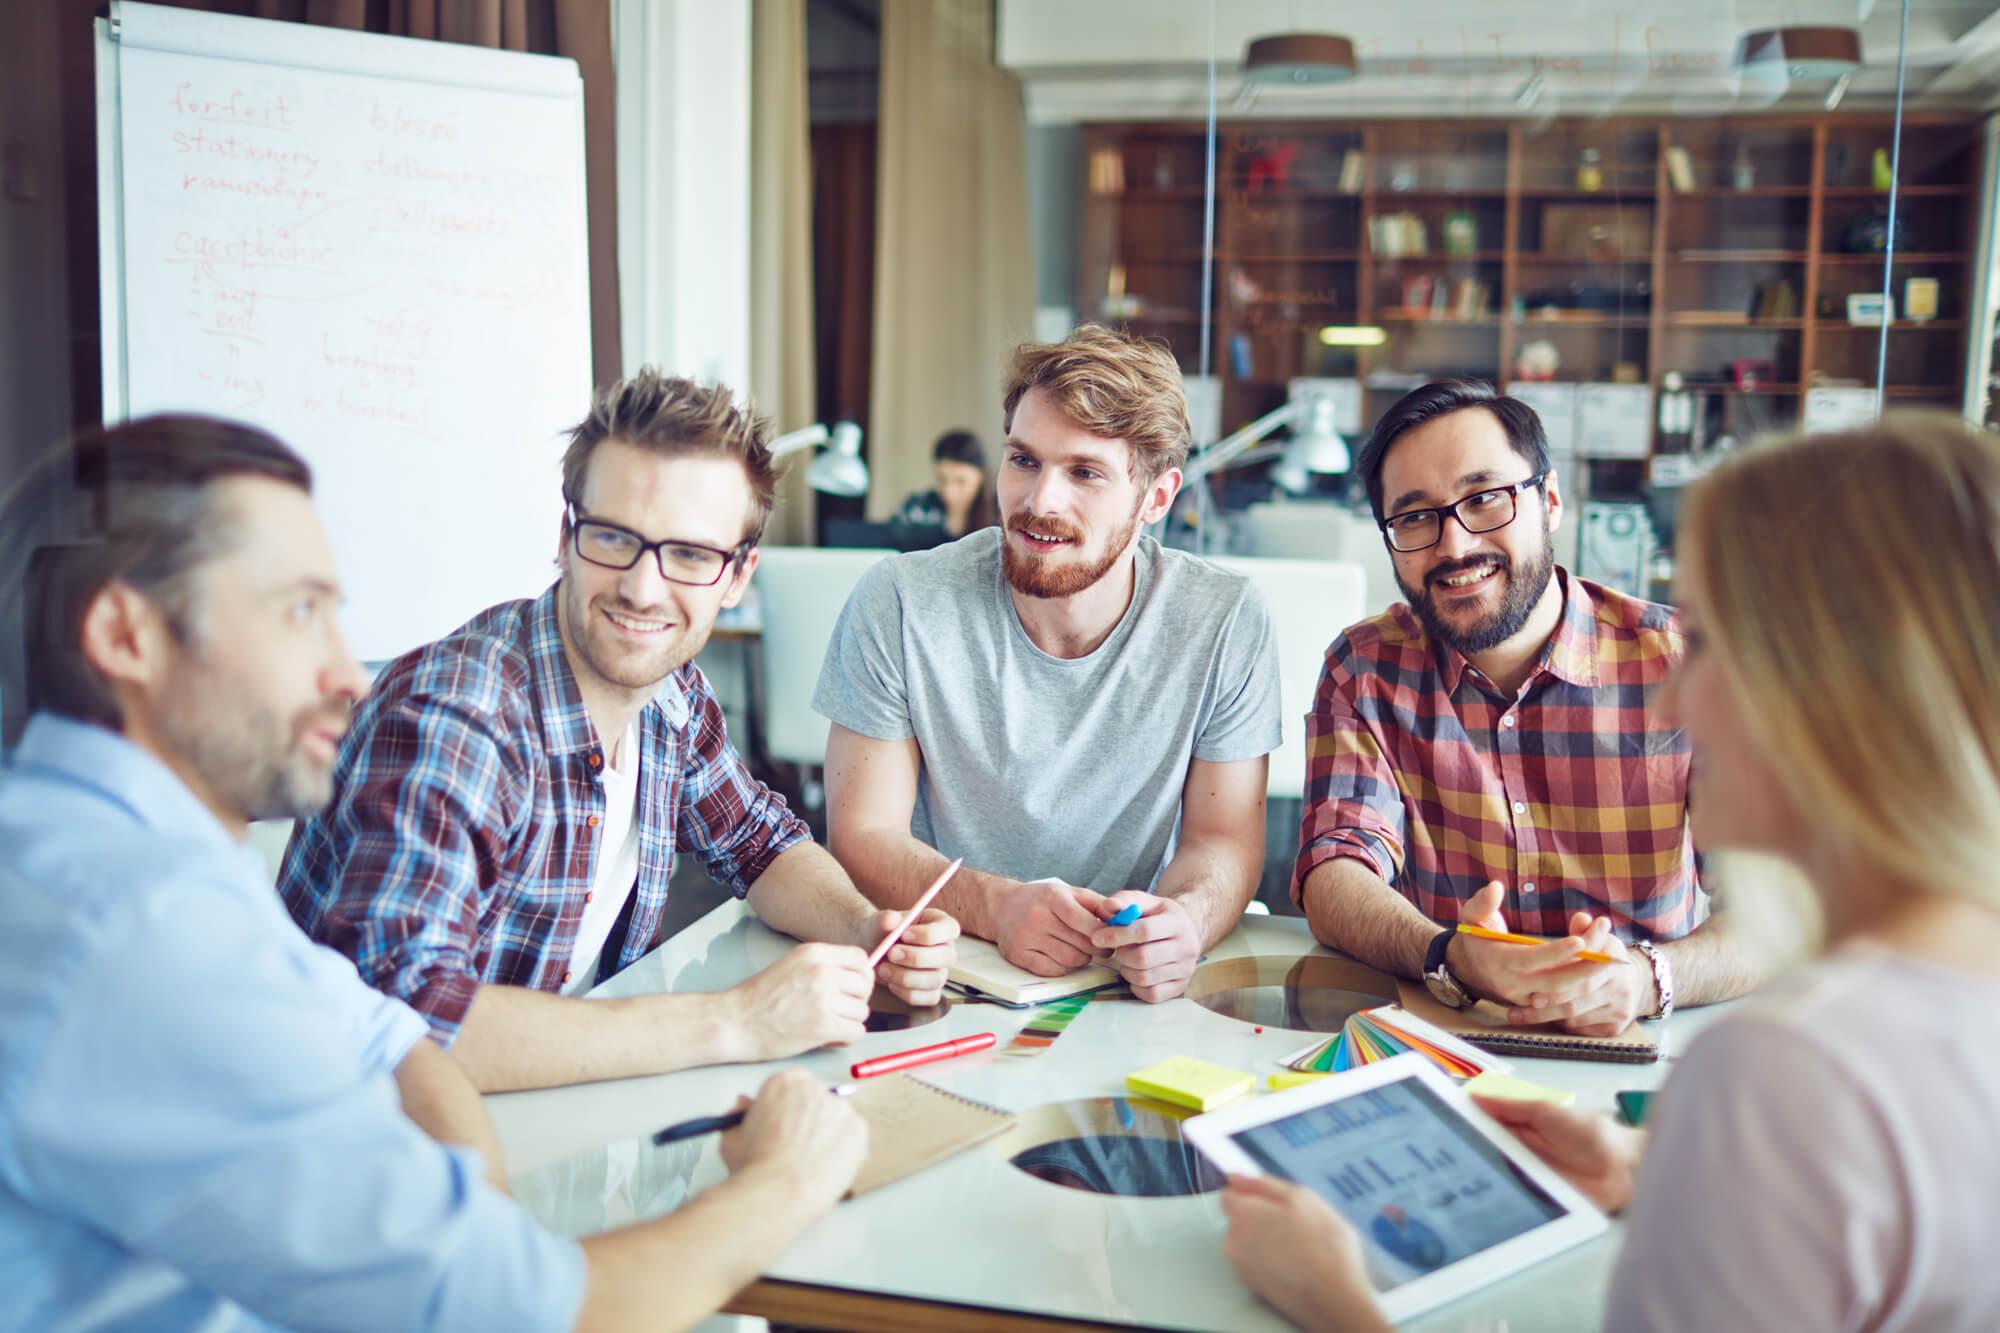 بزرگترین اشتباهاتی که شرکتها هنگام توسعه کسب و کار خود مرتکب میشوند